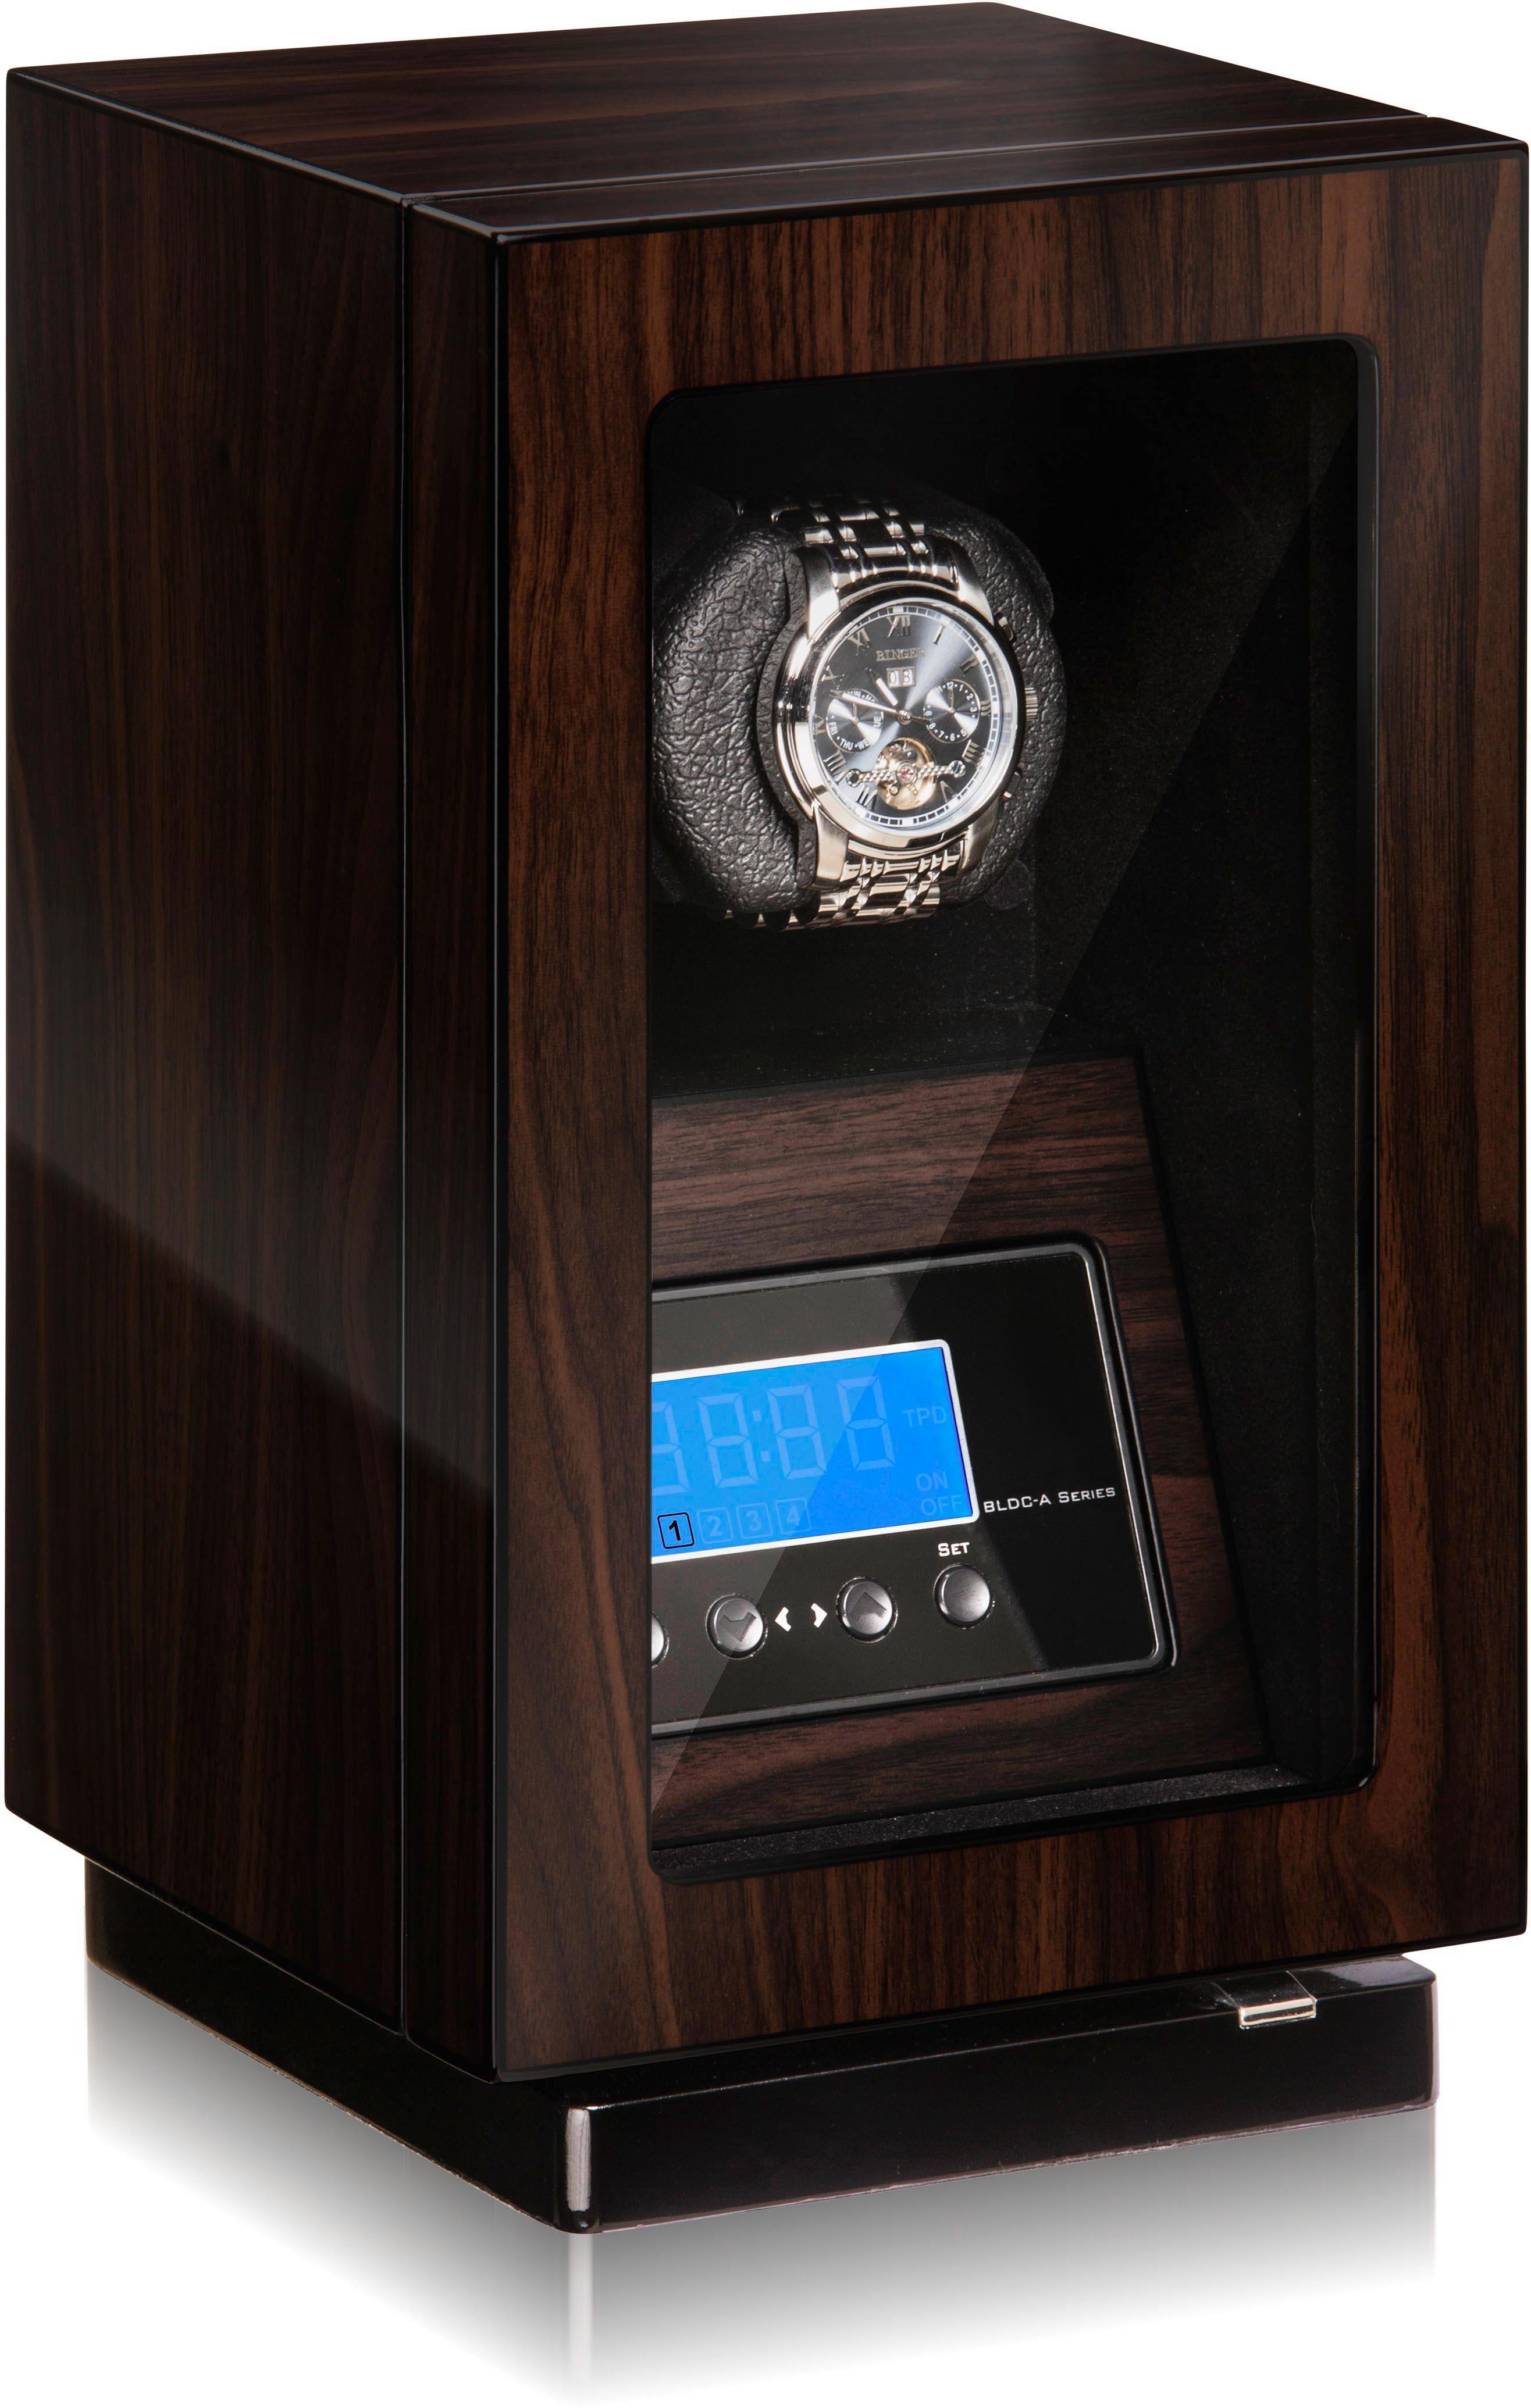 Boxy Uhrenbeweger Boxy BLDC für 1 Uhr, 309416 | Uhren > Uhrenbeweger | Boxy